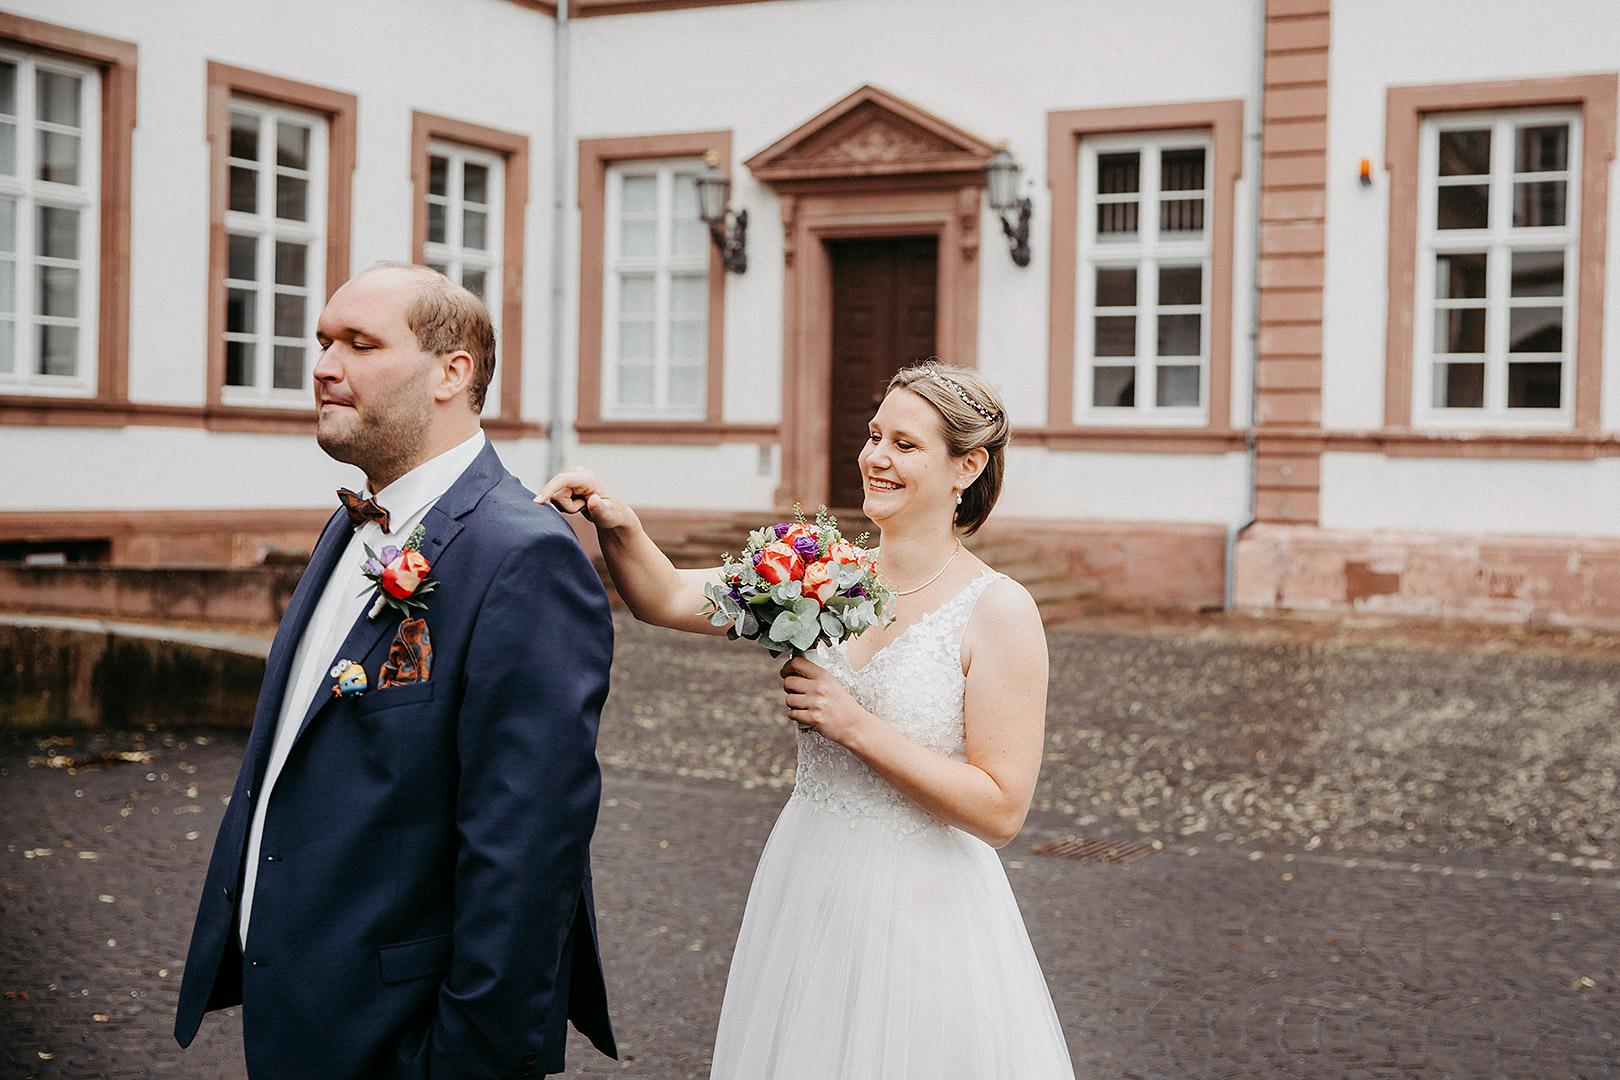 portrait_wedding_klaereundmarco_4